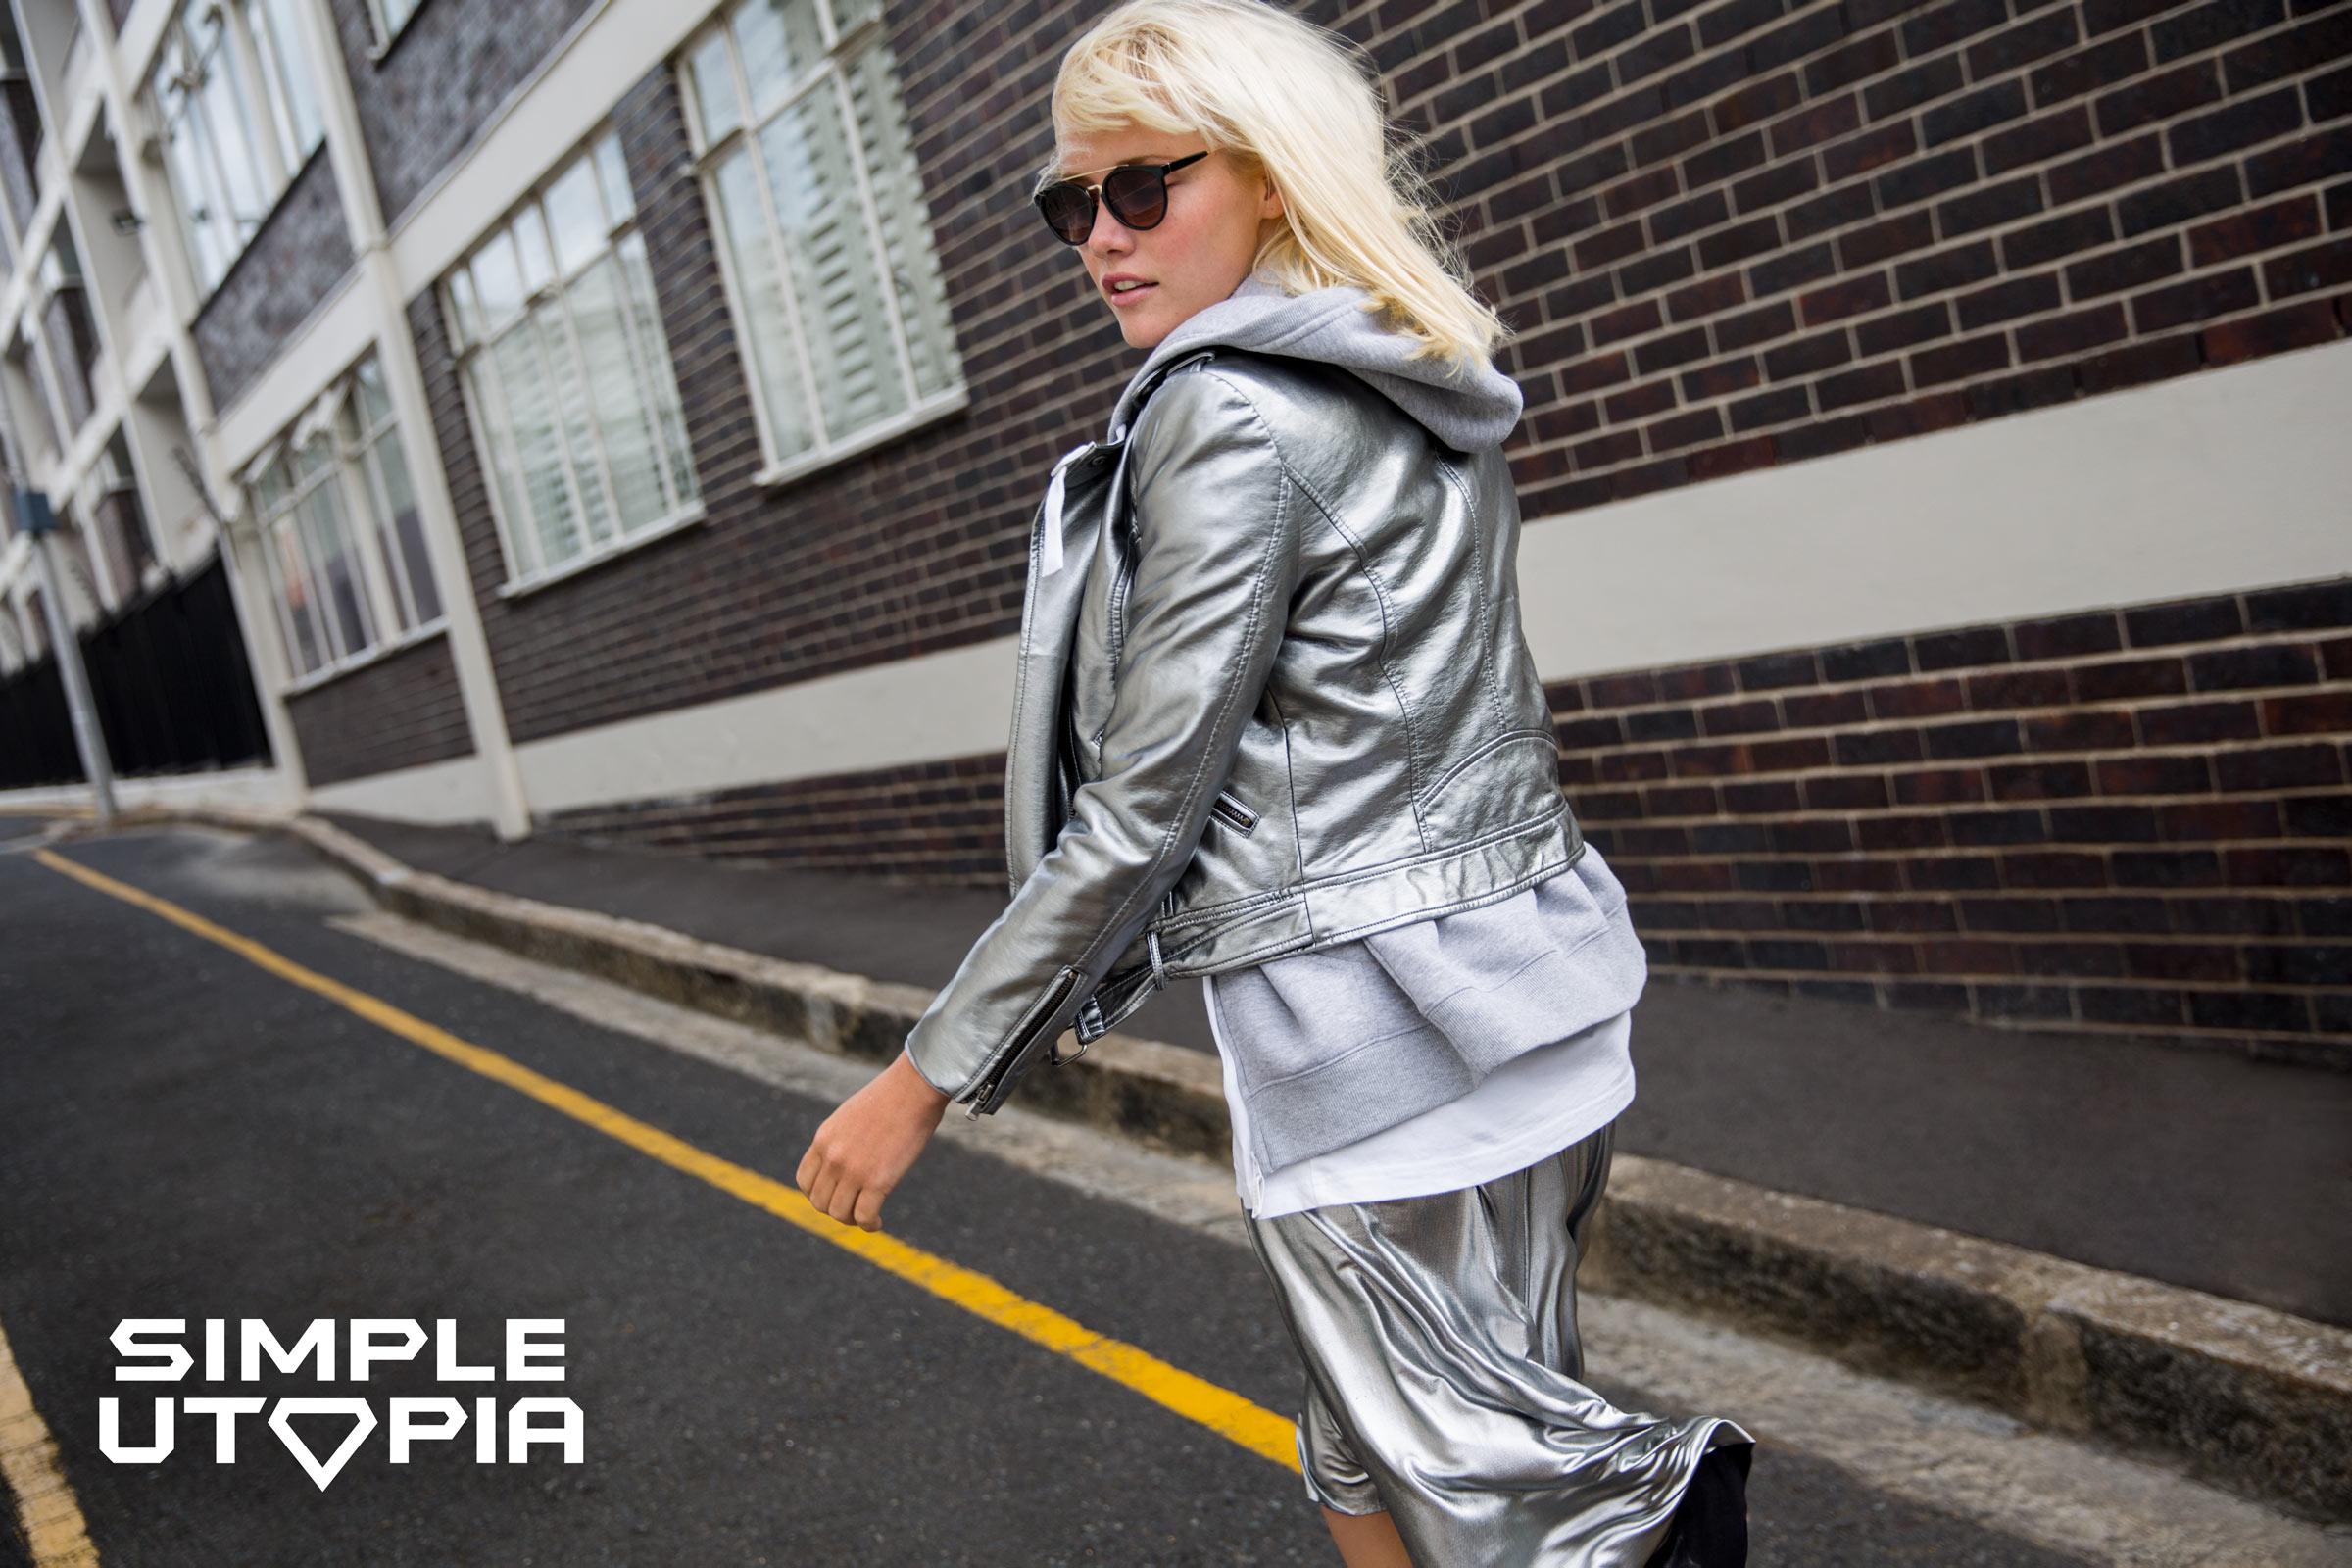 Simple Utopia, czyli srebrzysty błysk w miejskim wydaniu!